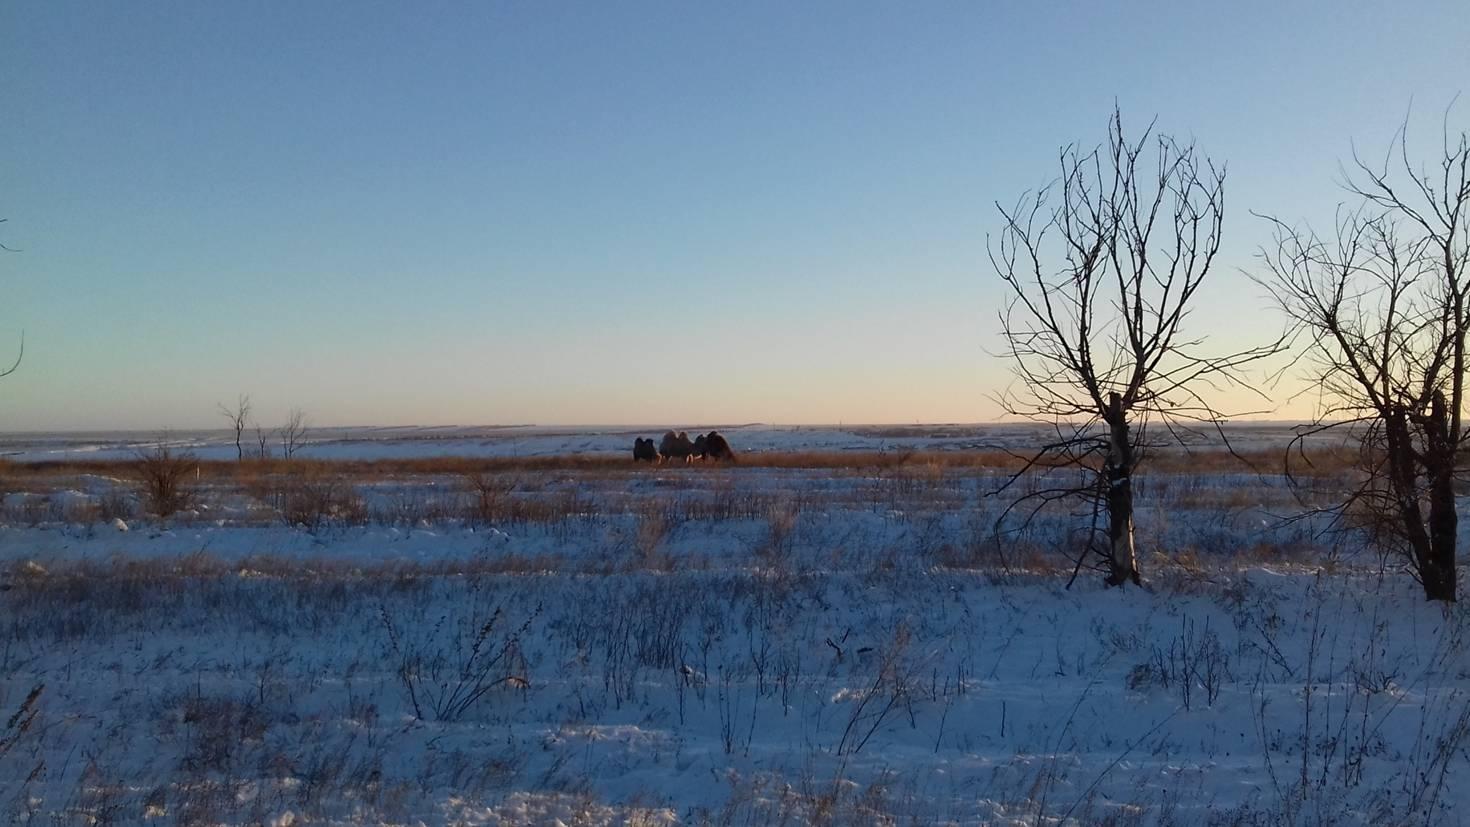 Верблюды в степи зимой. Западная часть Калмыкии, ноябрь 2016